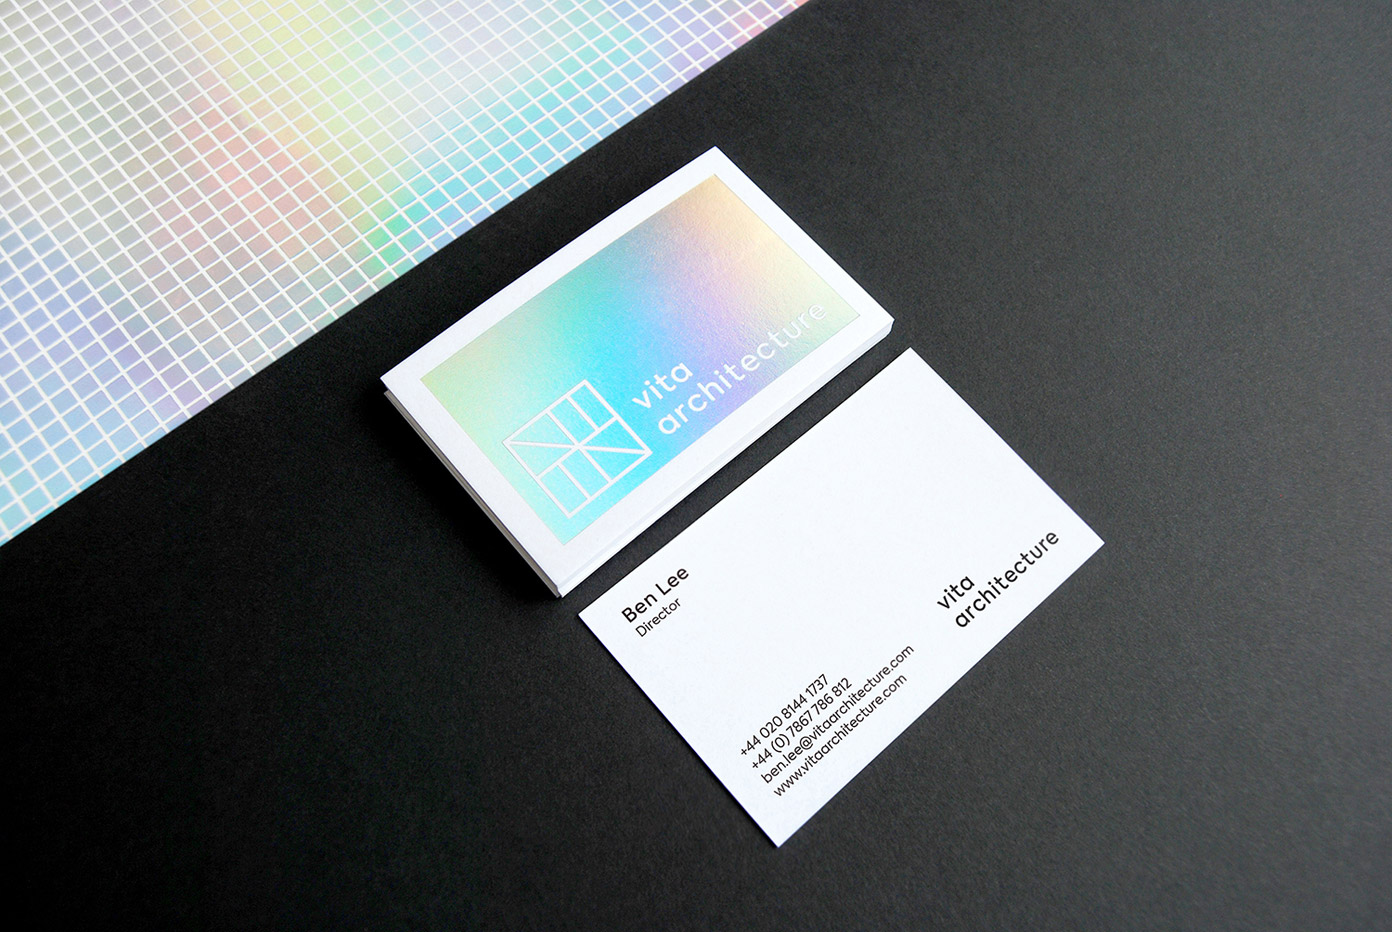 Vita Architecture brand design by Studio P+P